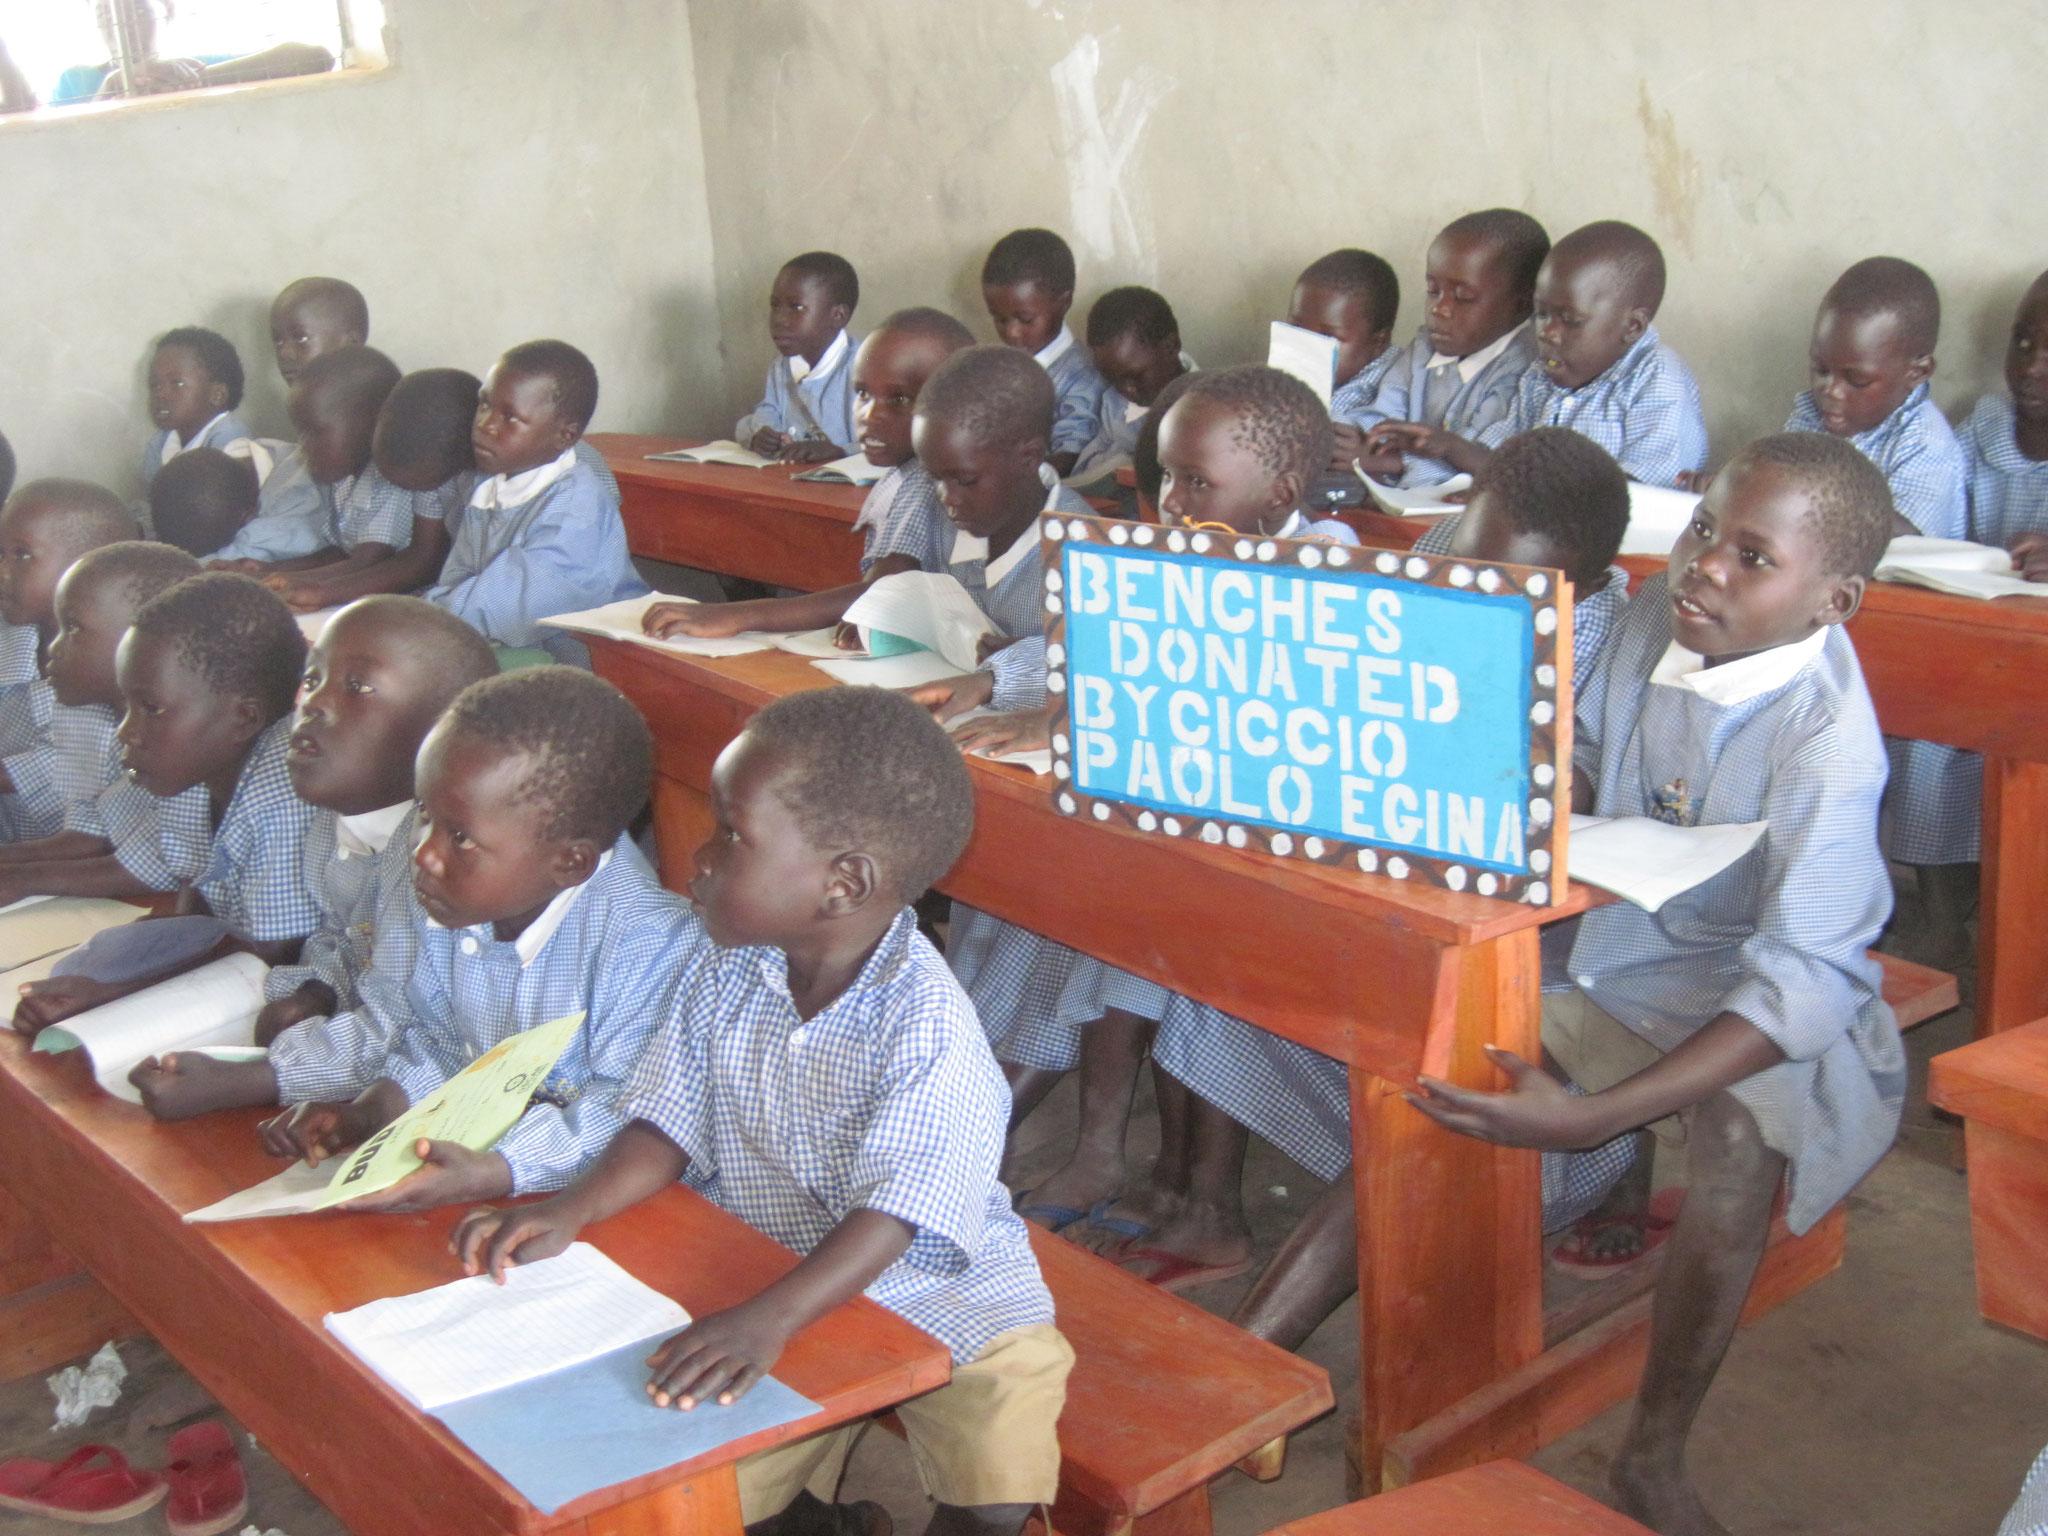 I nuovi banchi donati da un nostro benefattore di Linosa